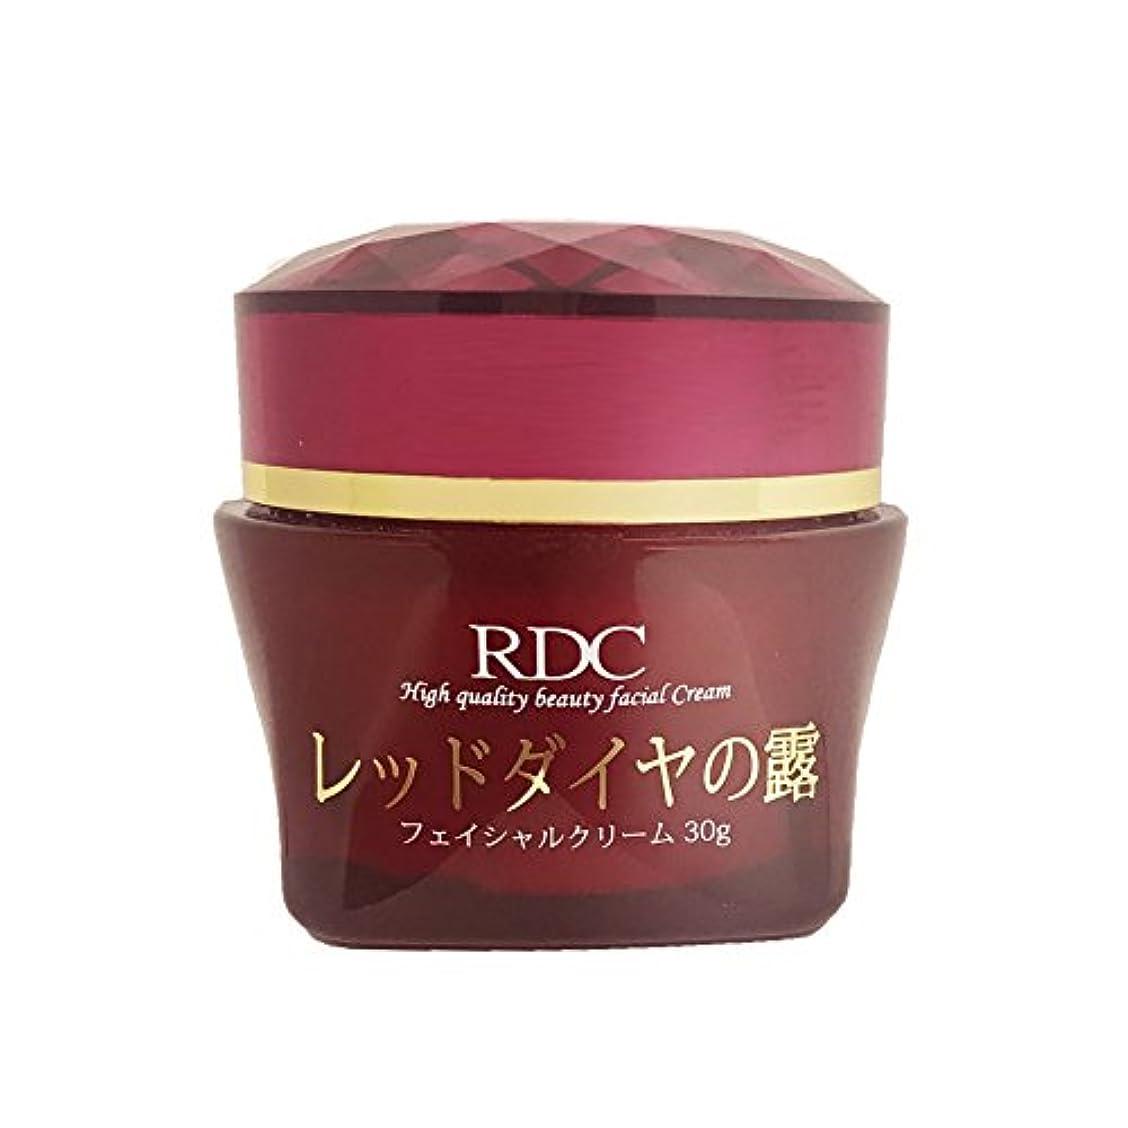 認めるタンカー冷酷なレッドダイヤの露 フェイシャルクリーム 保湿乳液 日本製